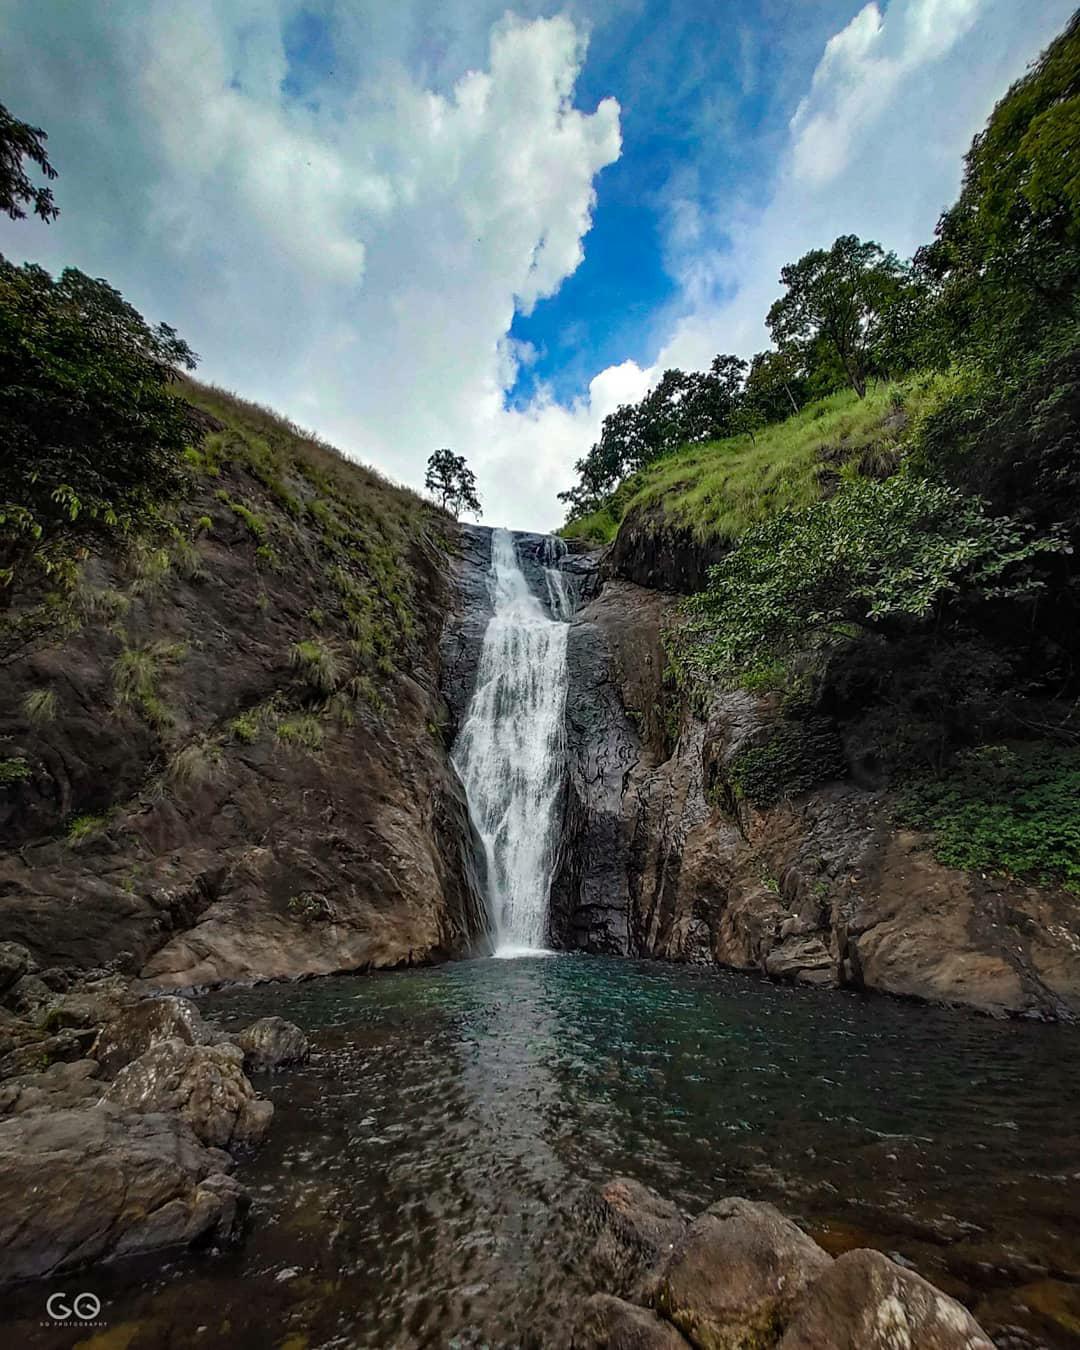 kattikkayam waterfalls